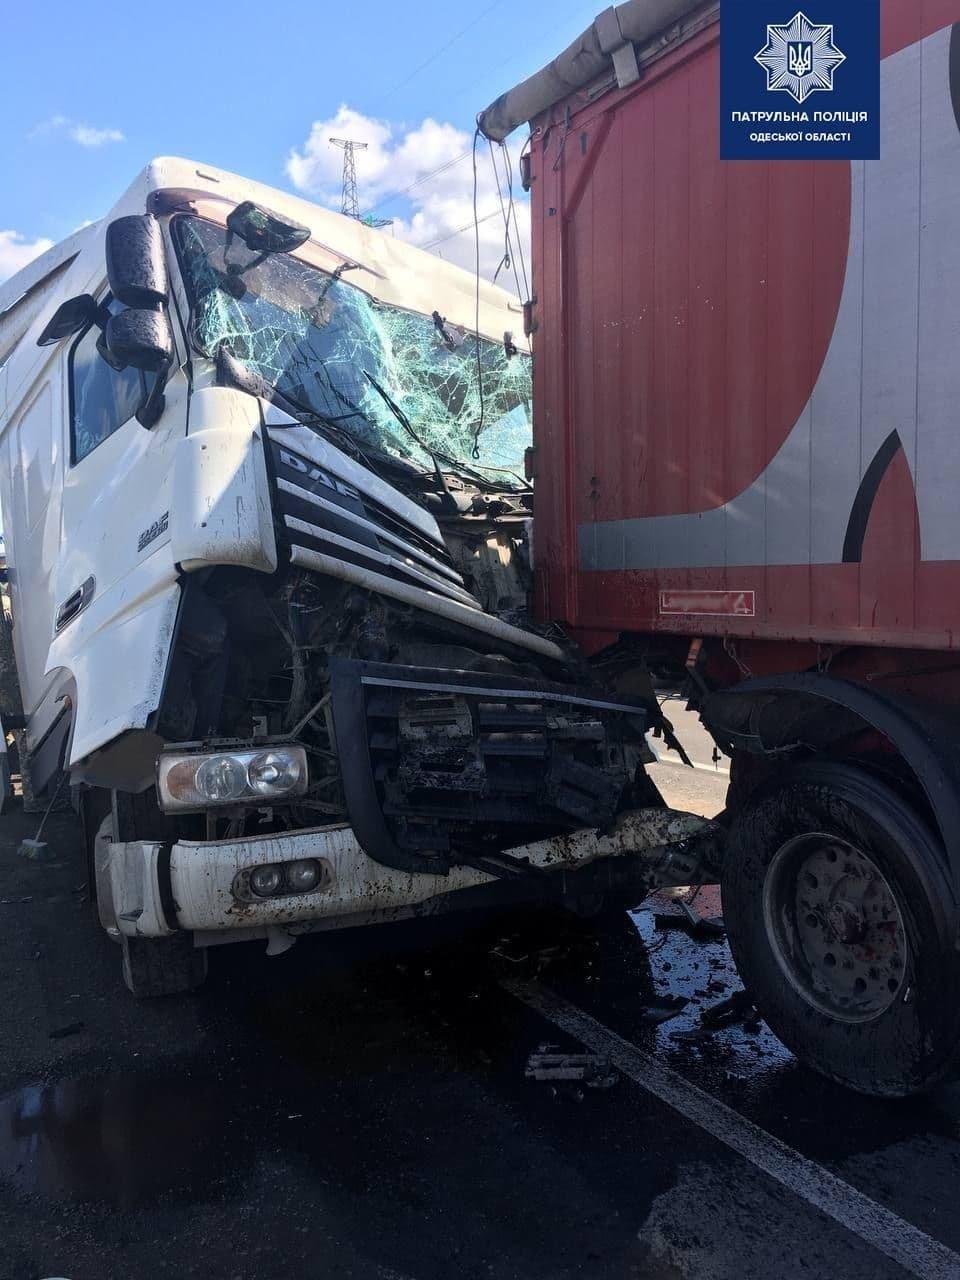 В Одессе на Объездной дороге столкнулись грузовики, есть пострадавший, - ФОТО, фото-1